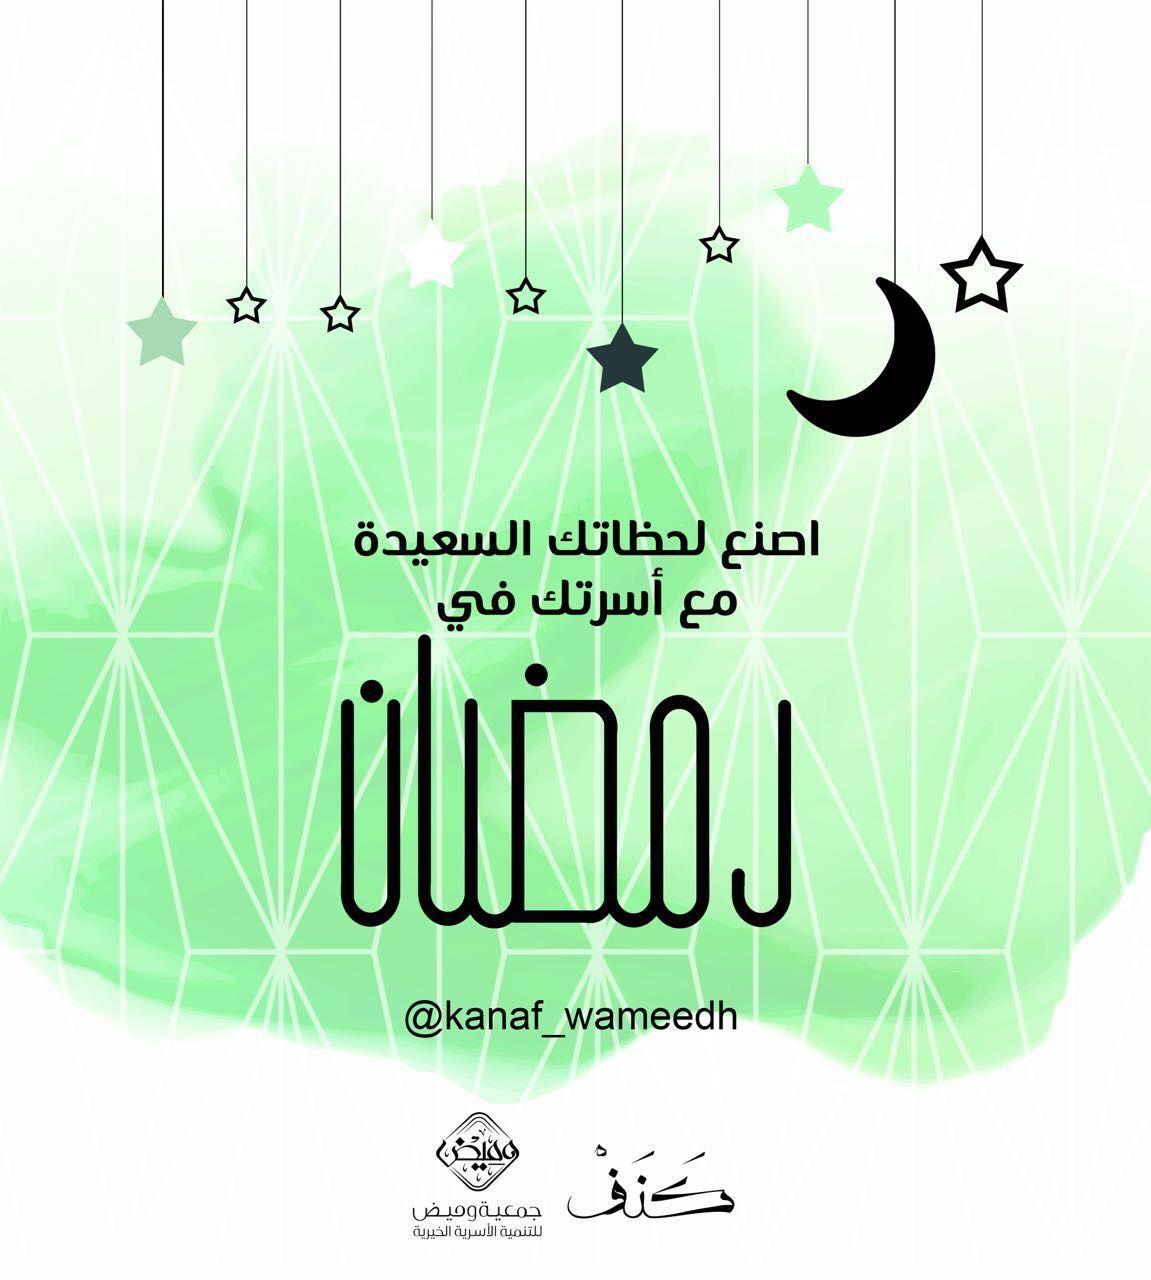 مسابقة عائلية رمضانية خفيفة وممتعة